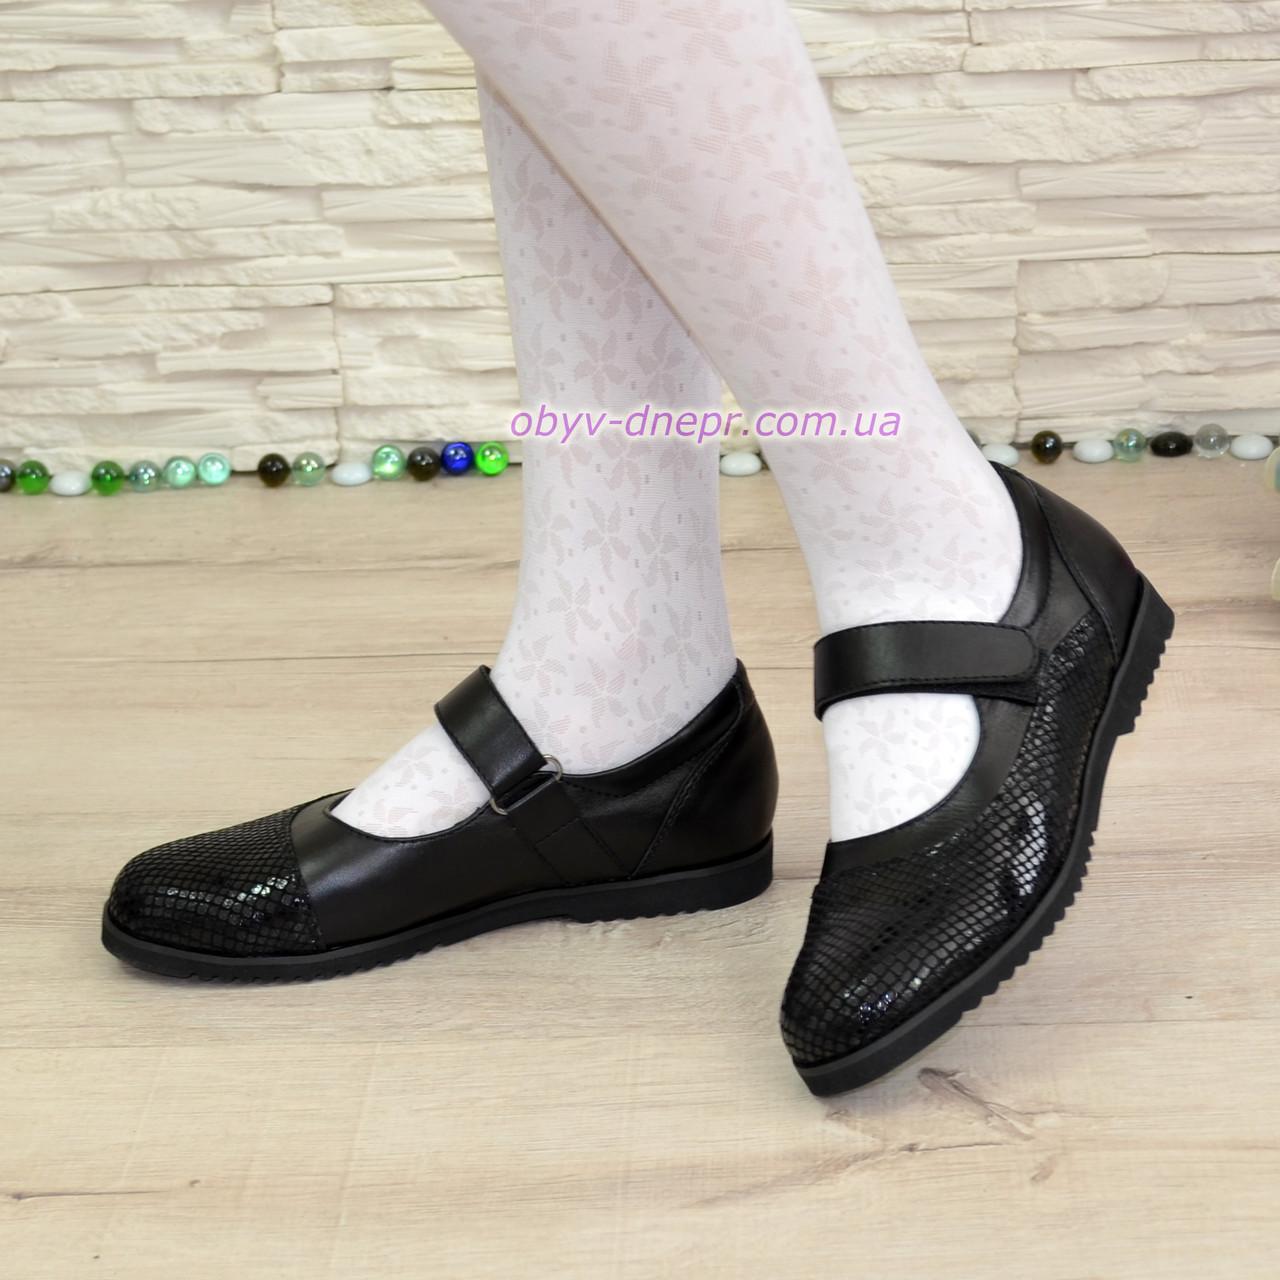 060e8af07bd1 Красивые комбинированные туфли для девочки на липучке  продажа, цена ...